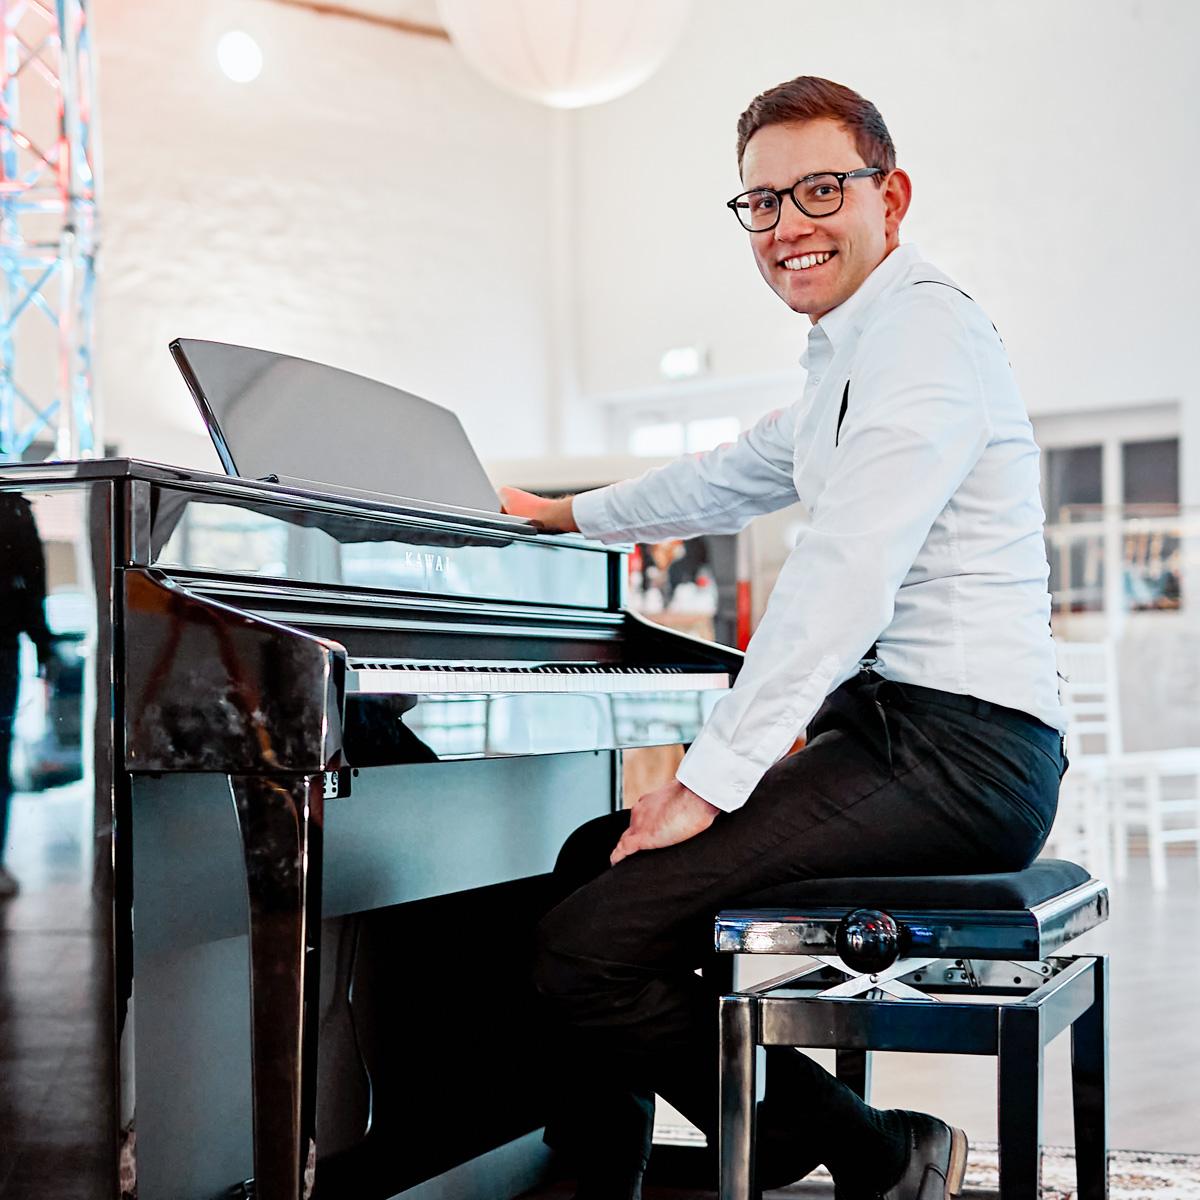 Pianist |Klavierspieler |Klaviermusik |Piano |Hannover |Buchen |Hochzeit |Firmenfeier |Empfang |Sektempfang |Trauung |Kirche |Standesamt |Anfragen |Mieten | |Lehmann |Eventservice